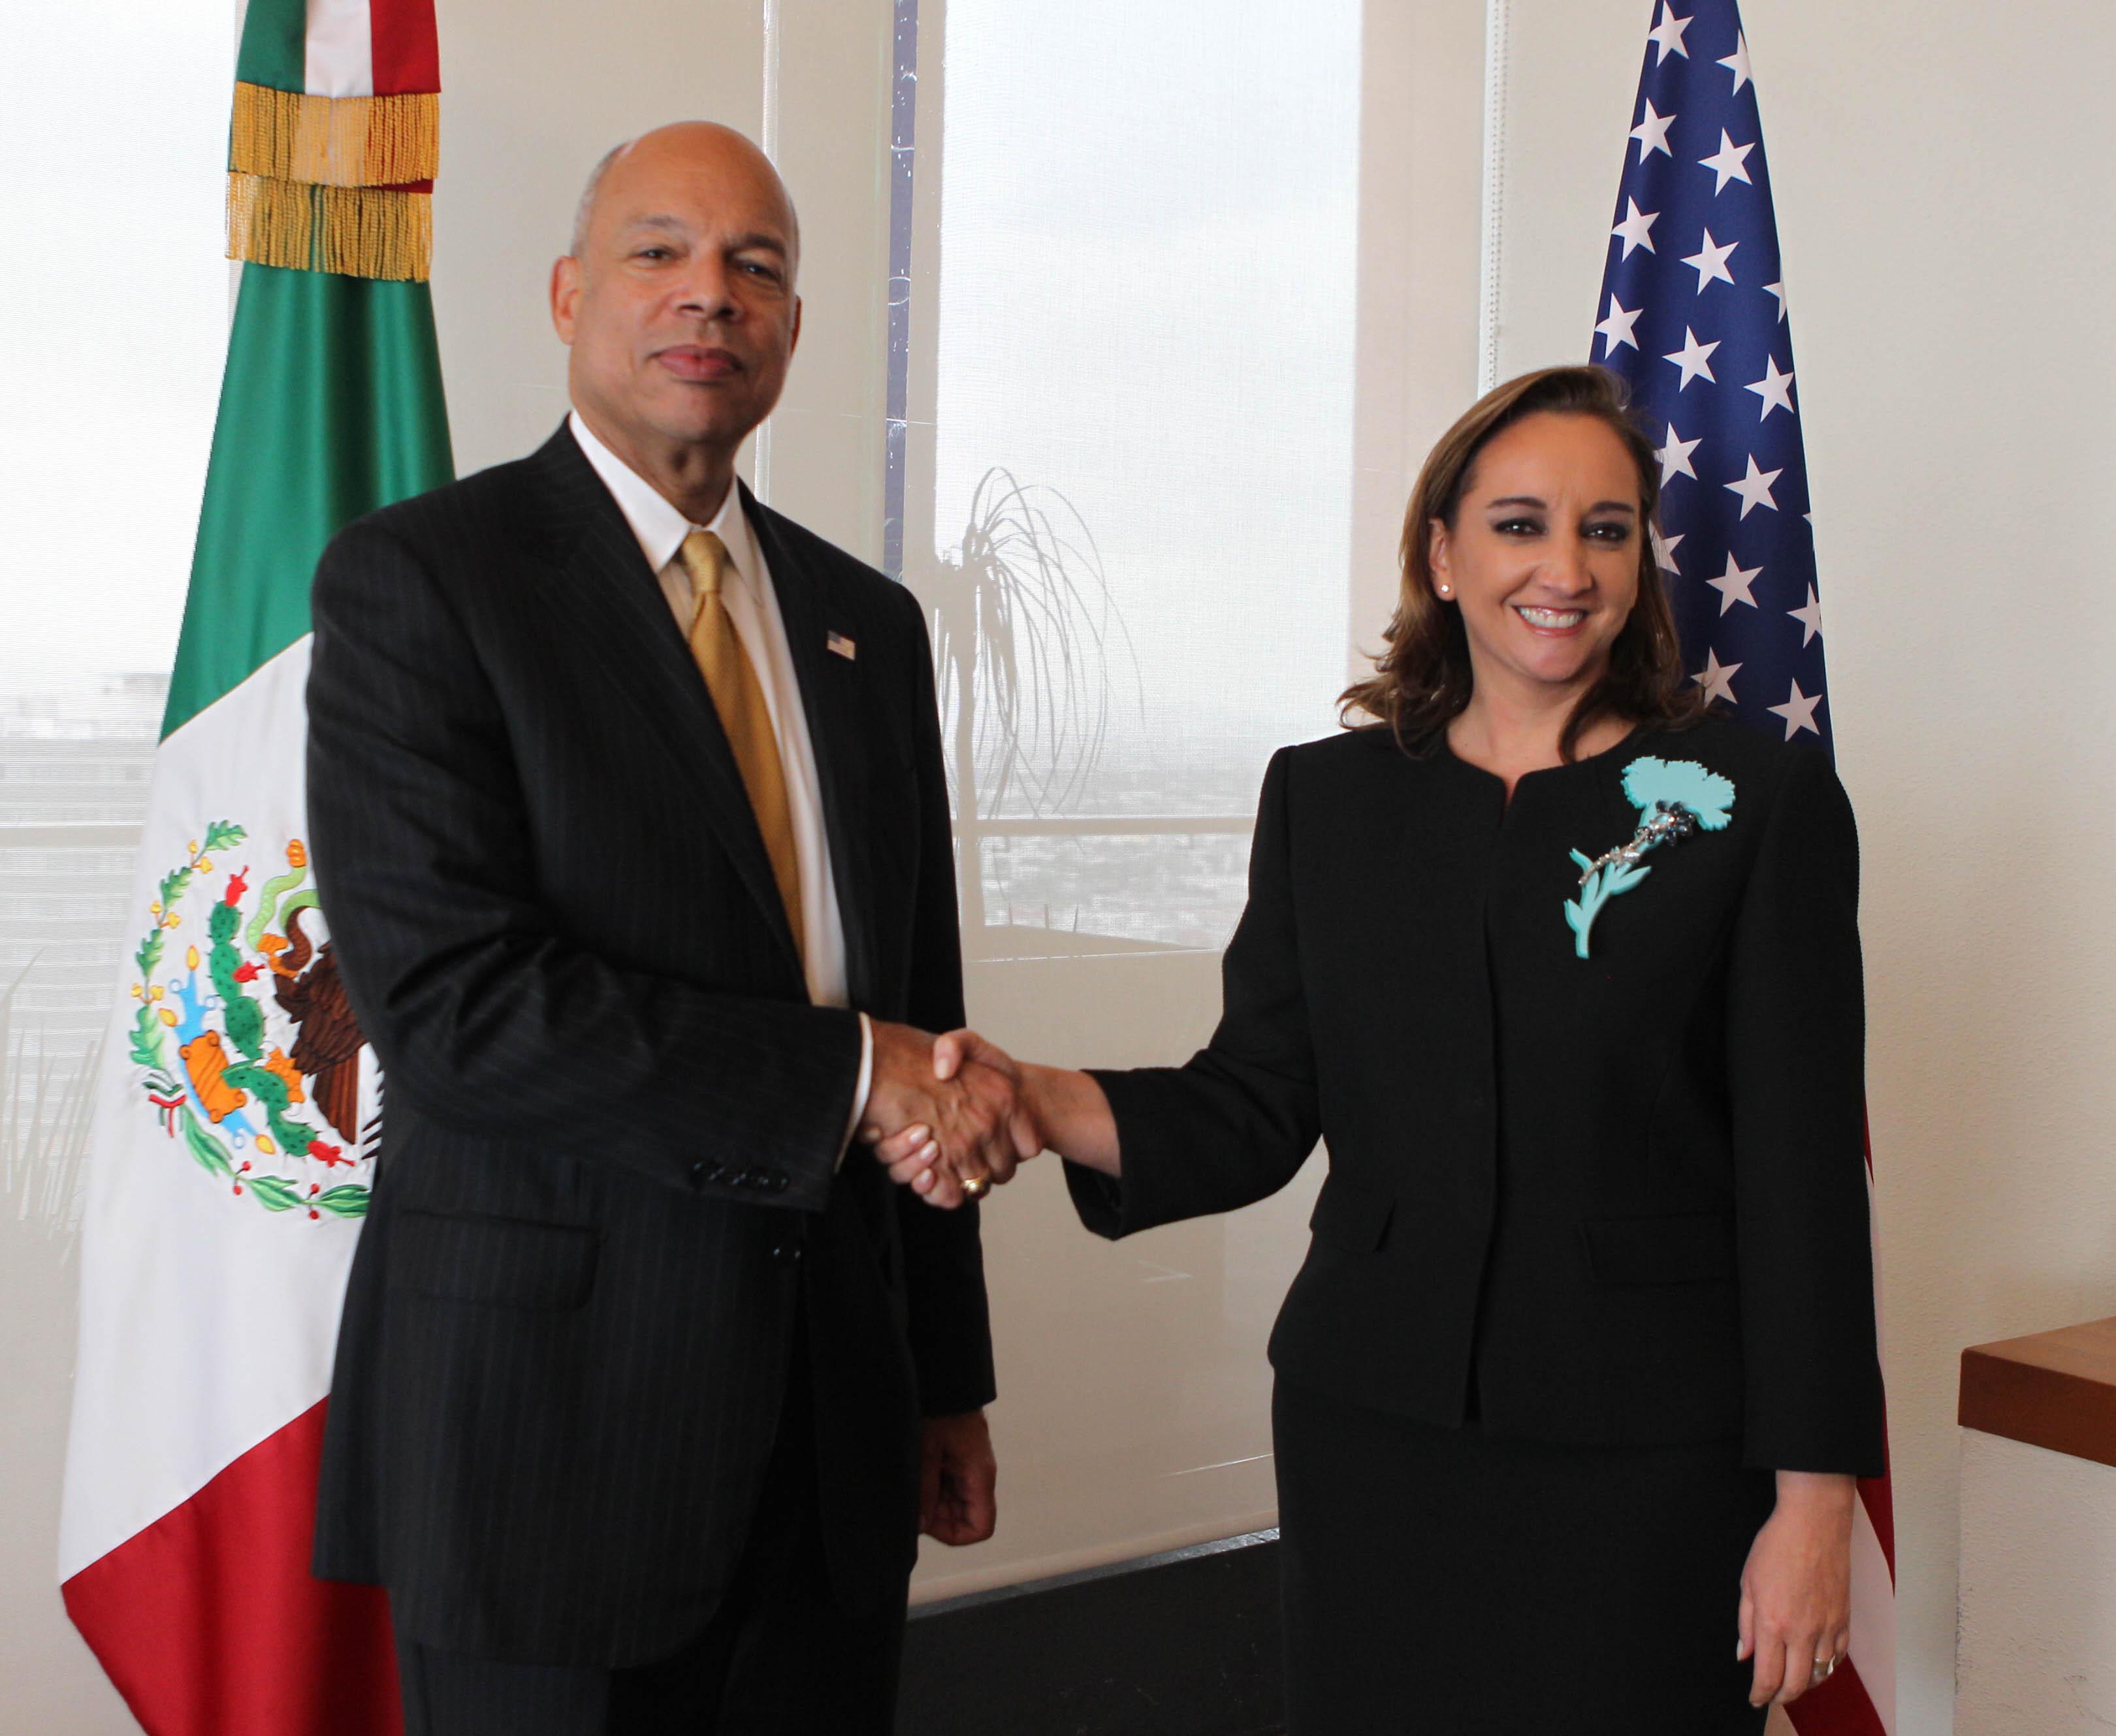 FOTO Canciller Claudia Ruiz Massieu con el Secretario de Seguridad Interna de Estados Unidos Jeh Johnson.jpg